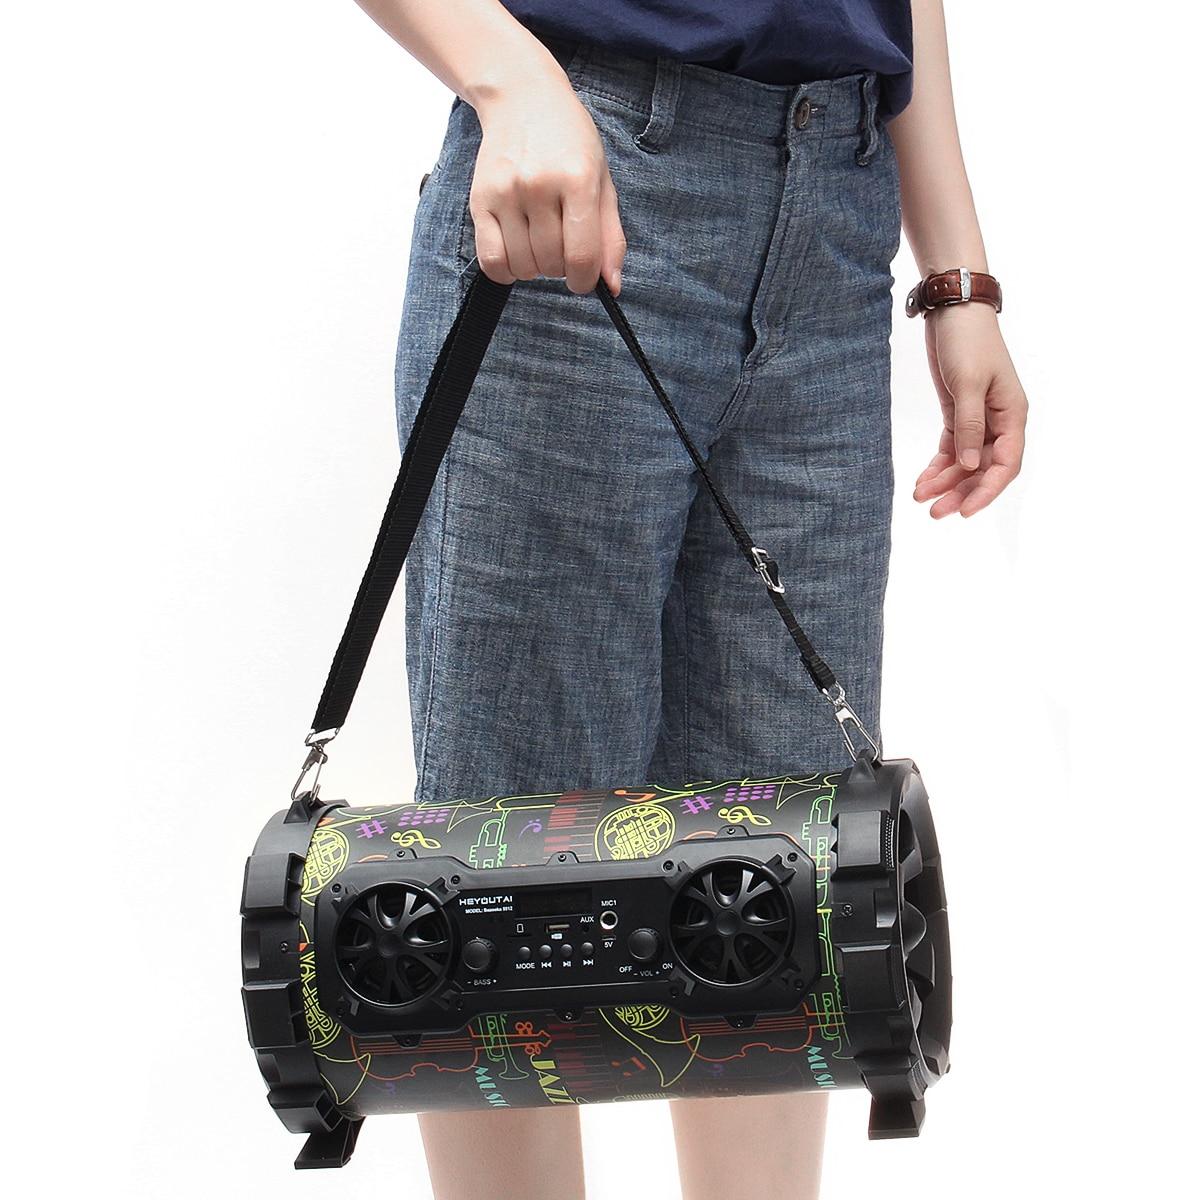 Alto-falante sem fio bluetooth estéreo baixo alto-falante portátil de alta fidelidade subwoofer aux usb tf cartão fm rádio ao ar livre carro karaoke jogador